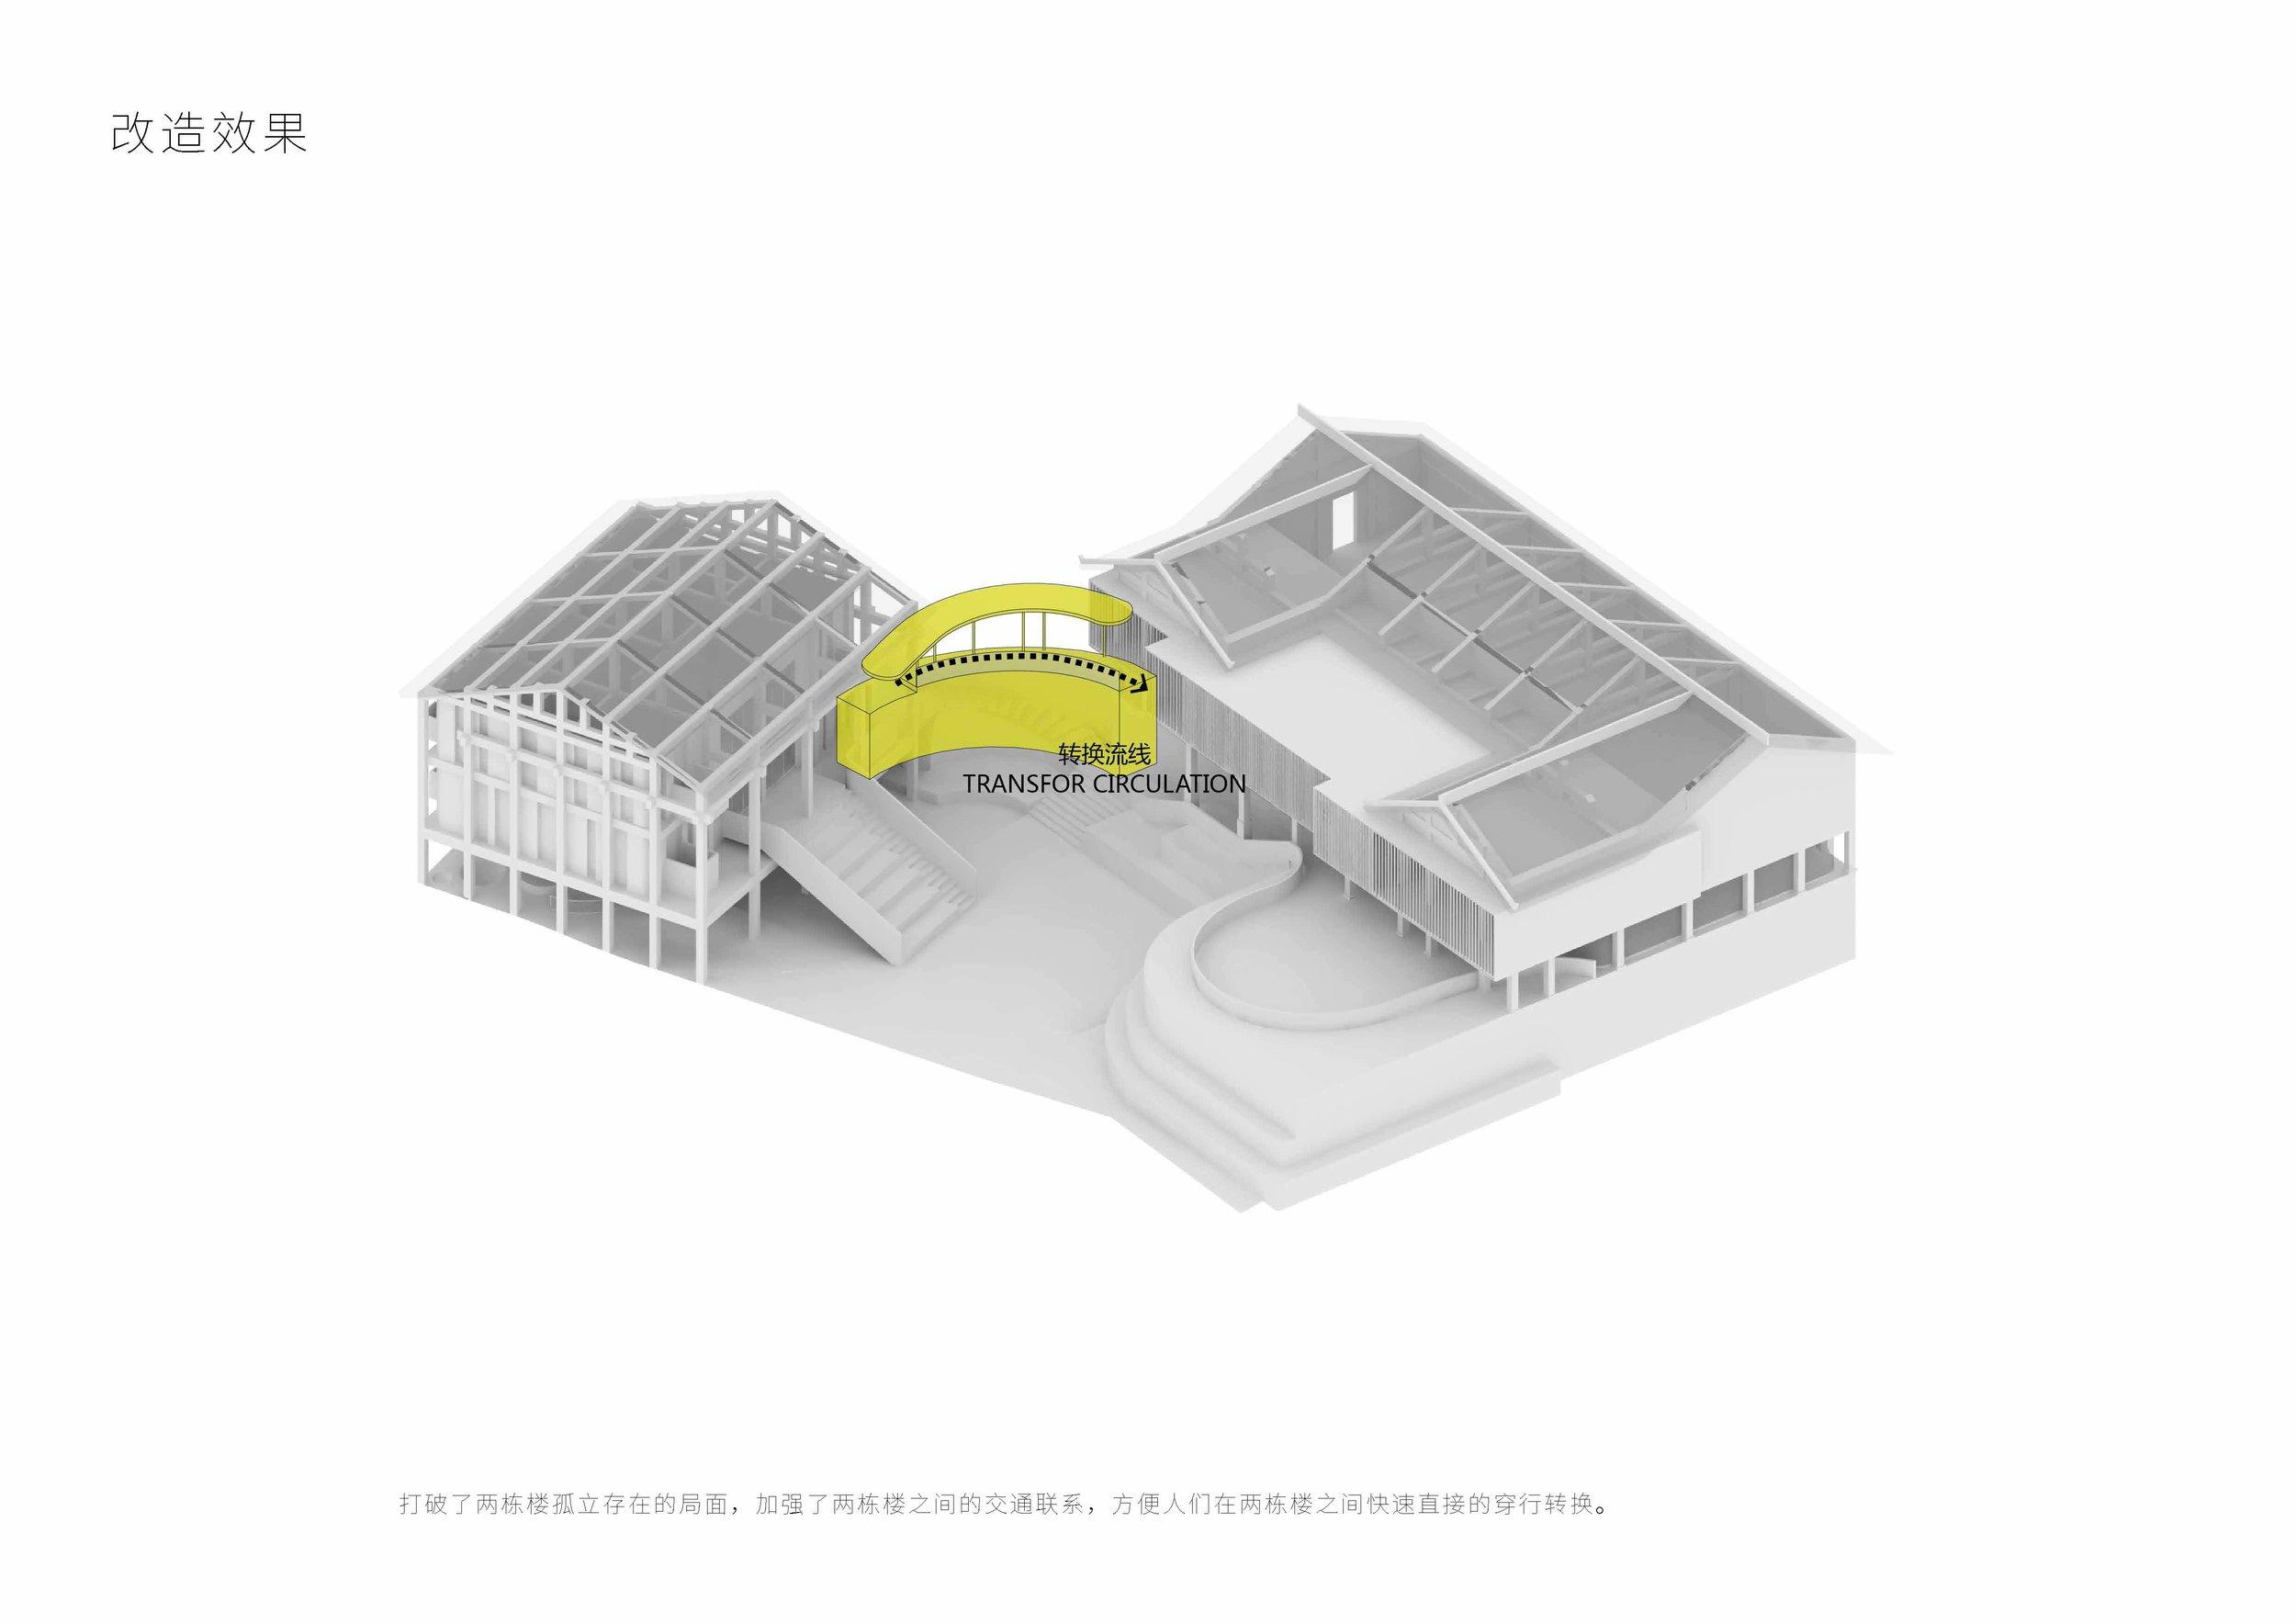 institute diagram_页面_21.jpg